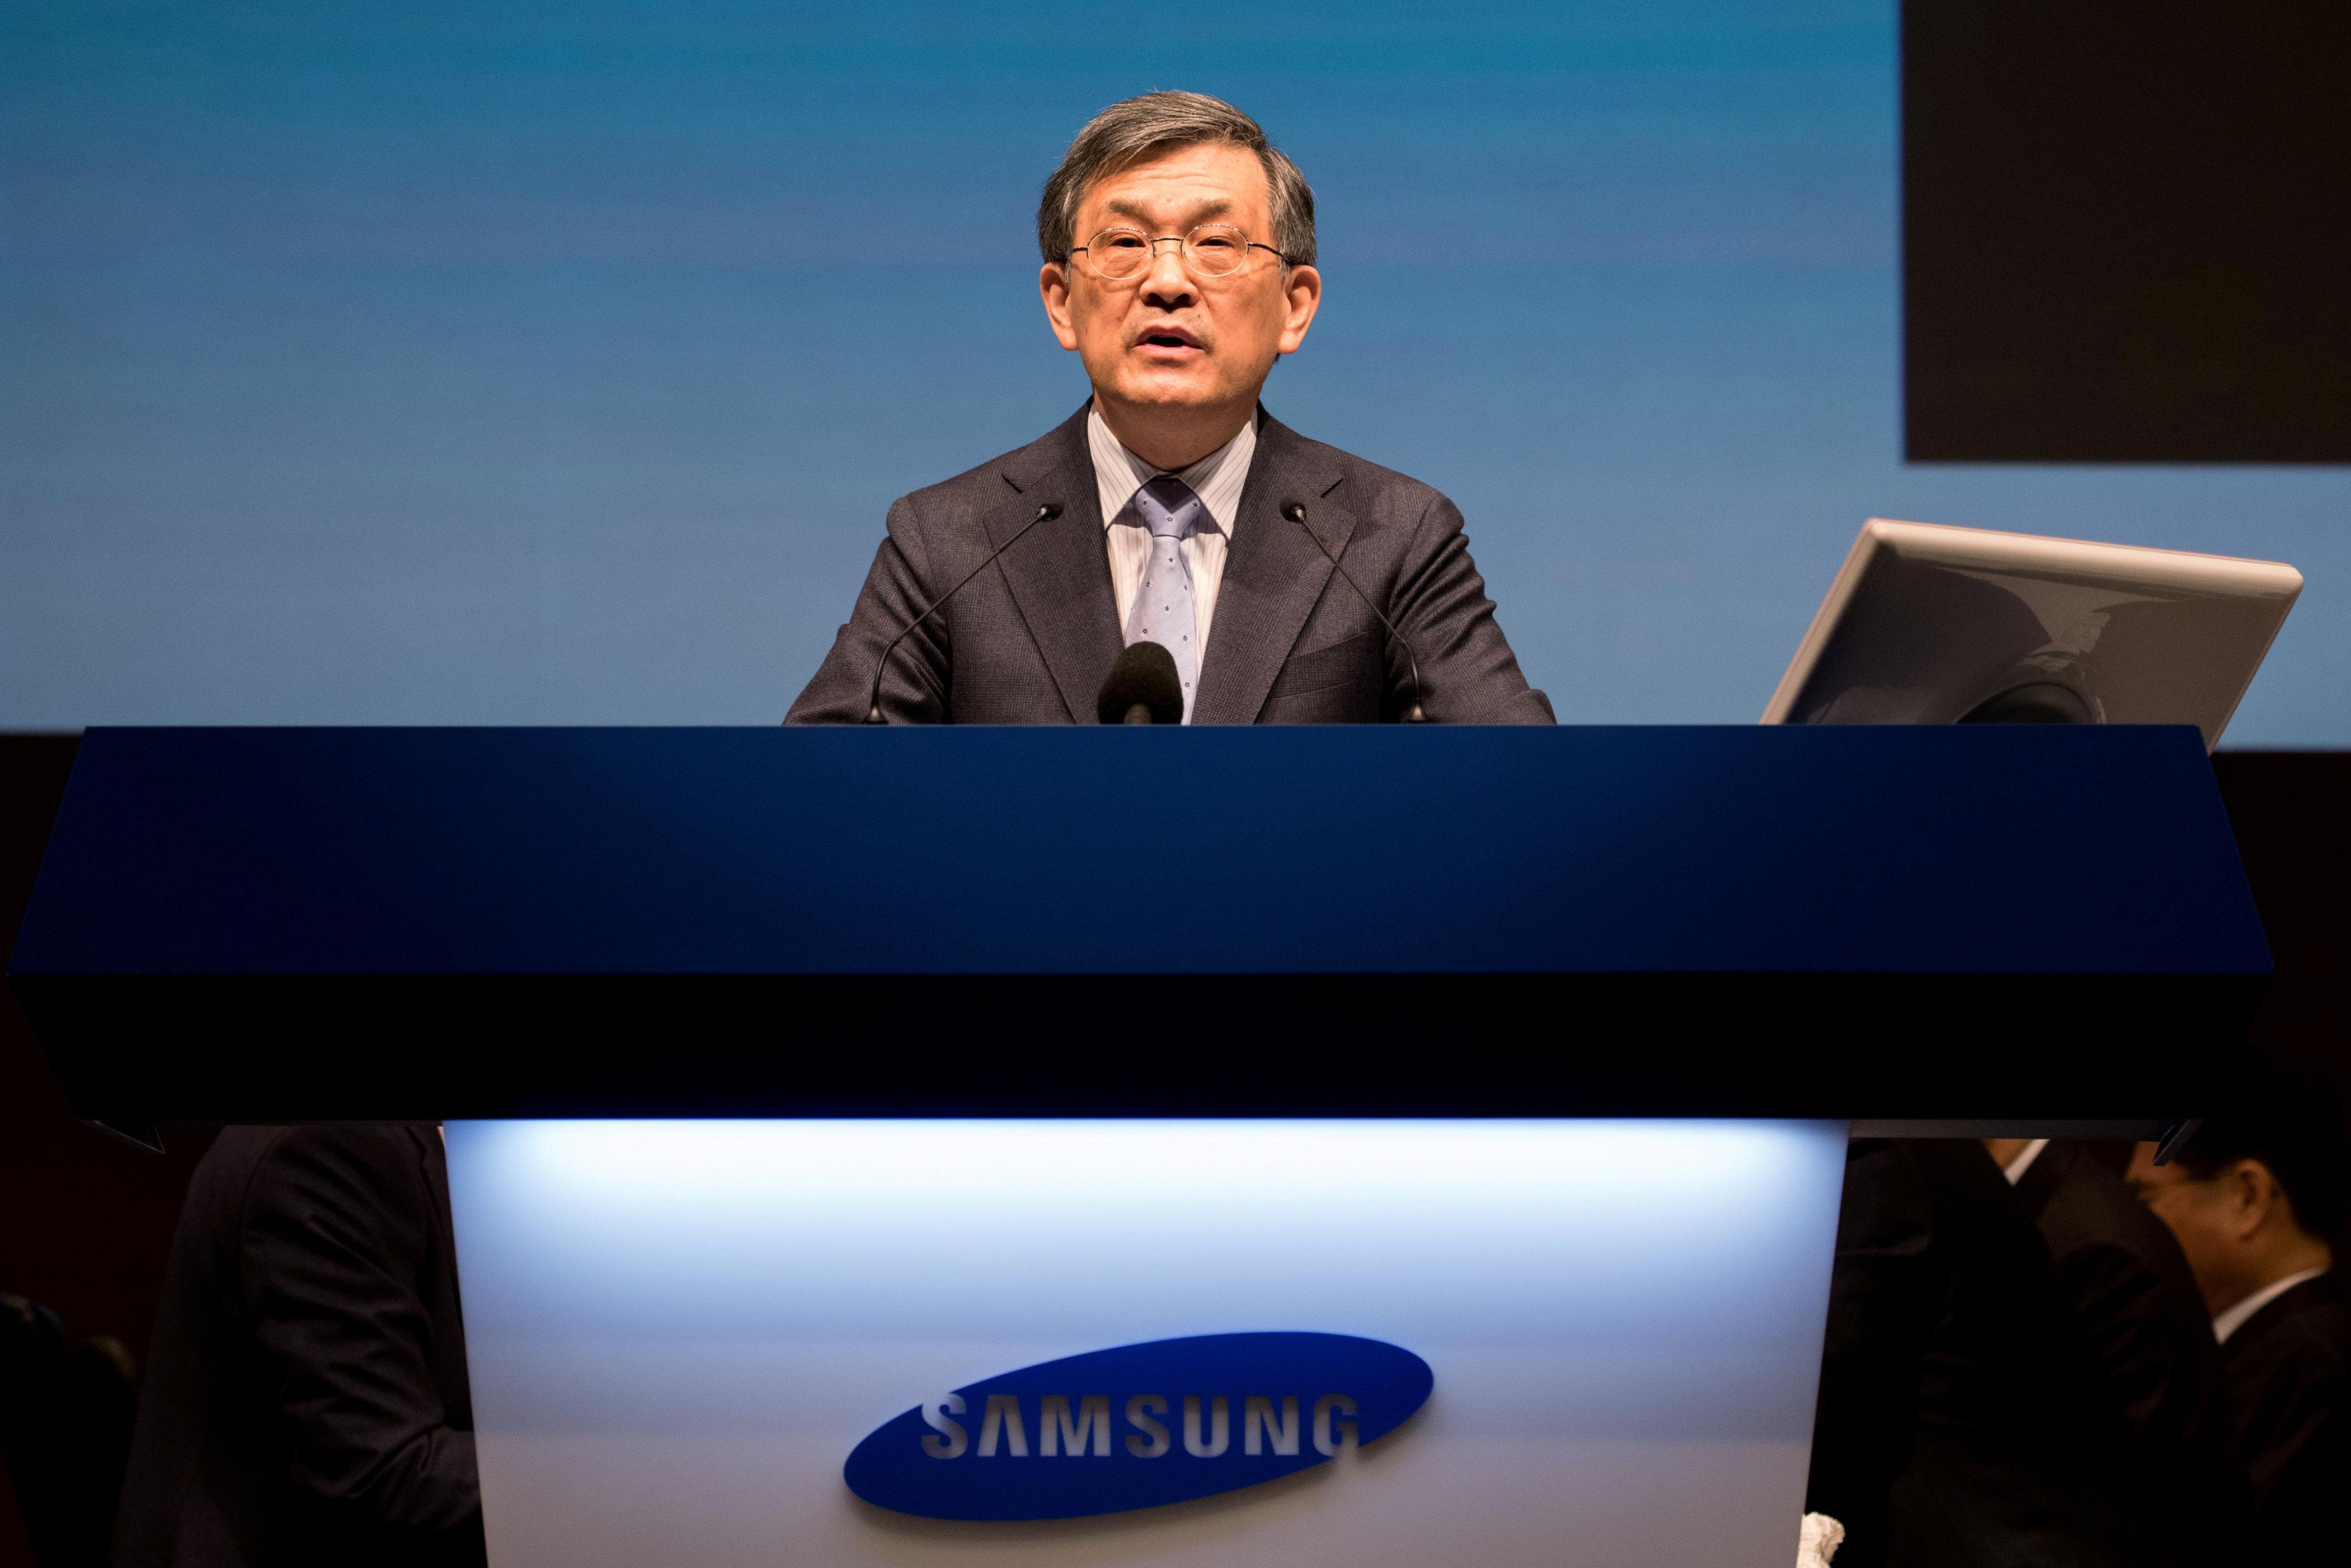 權五鉉於李在鎔入獄後,在公司內負責領軍,曝光率大增。AP